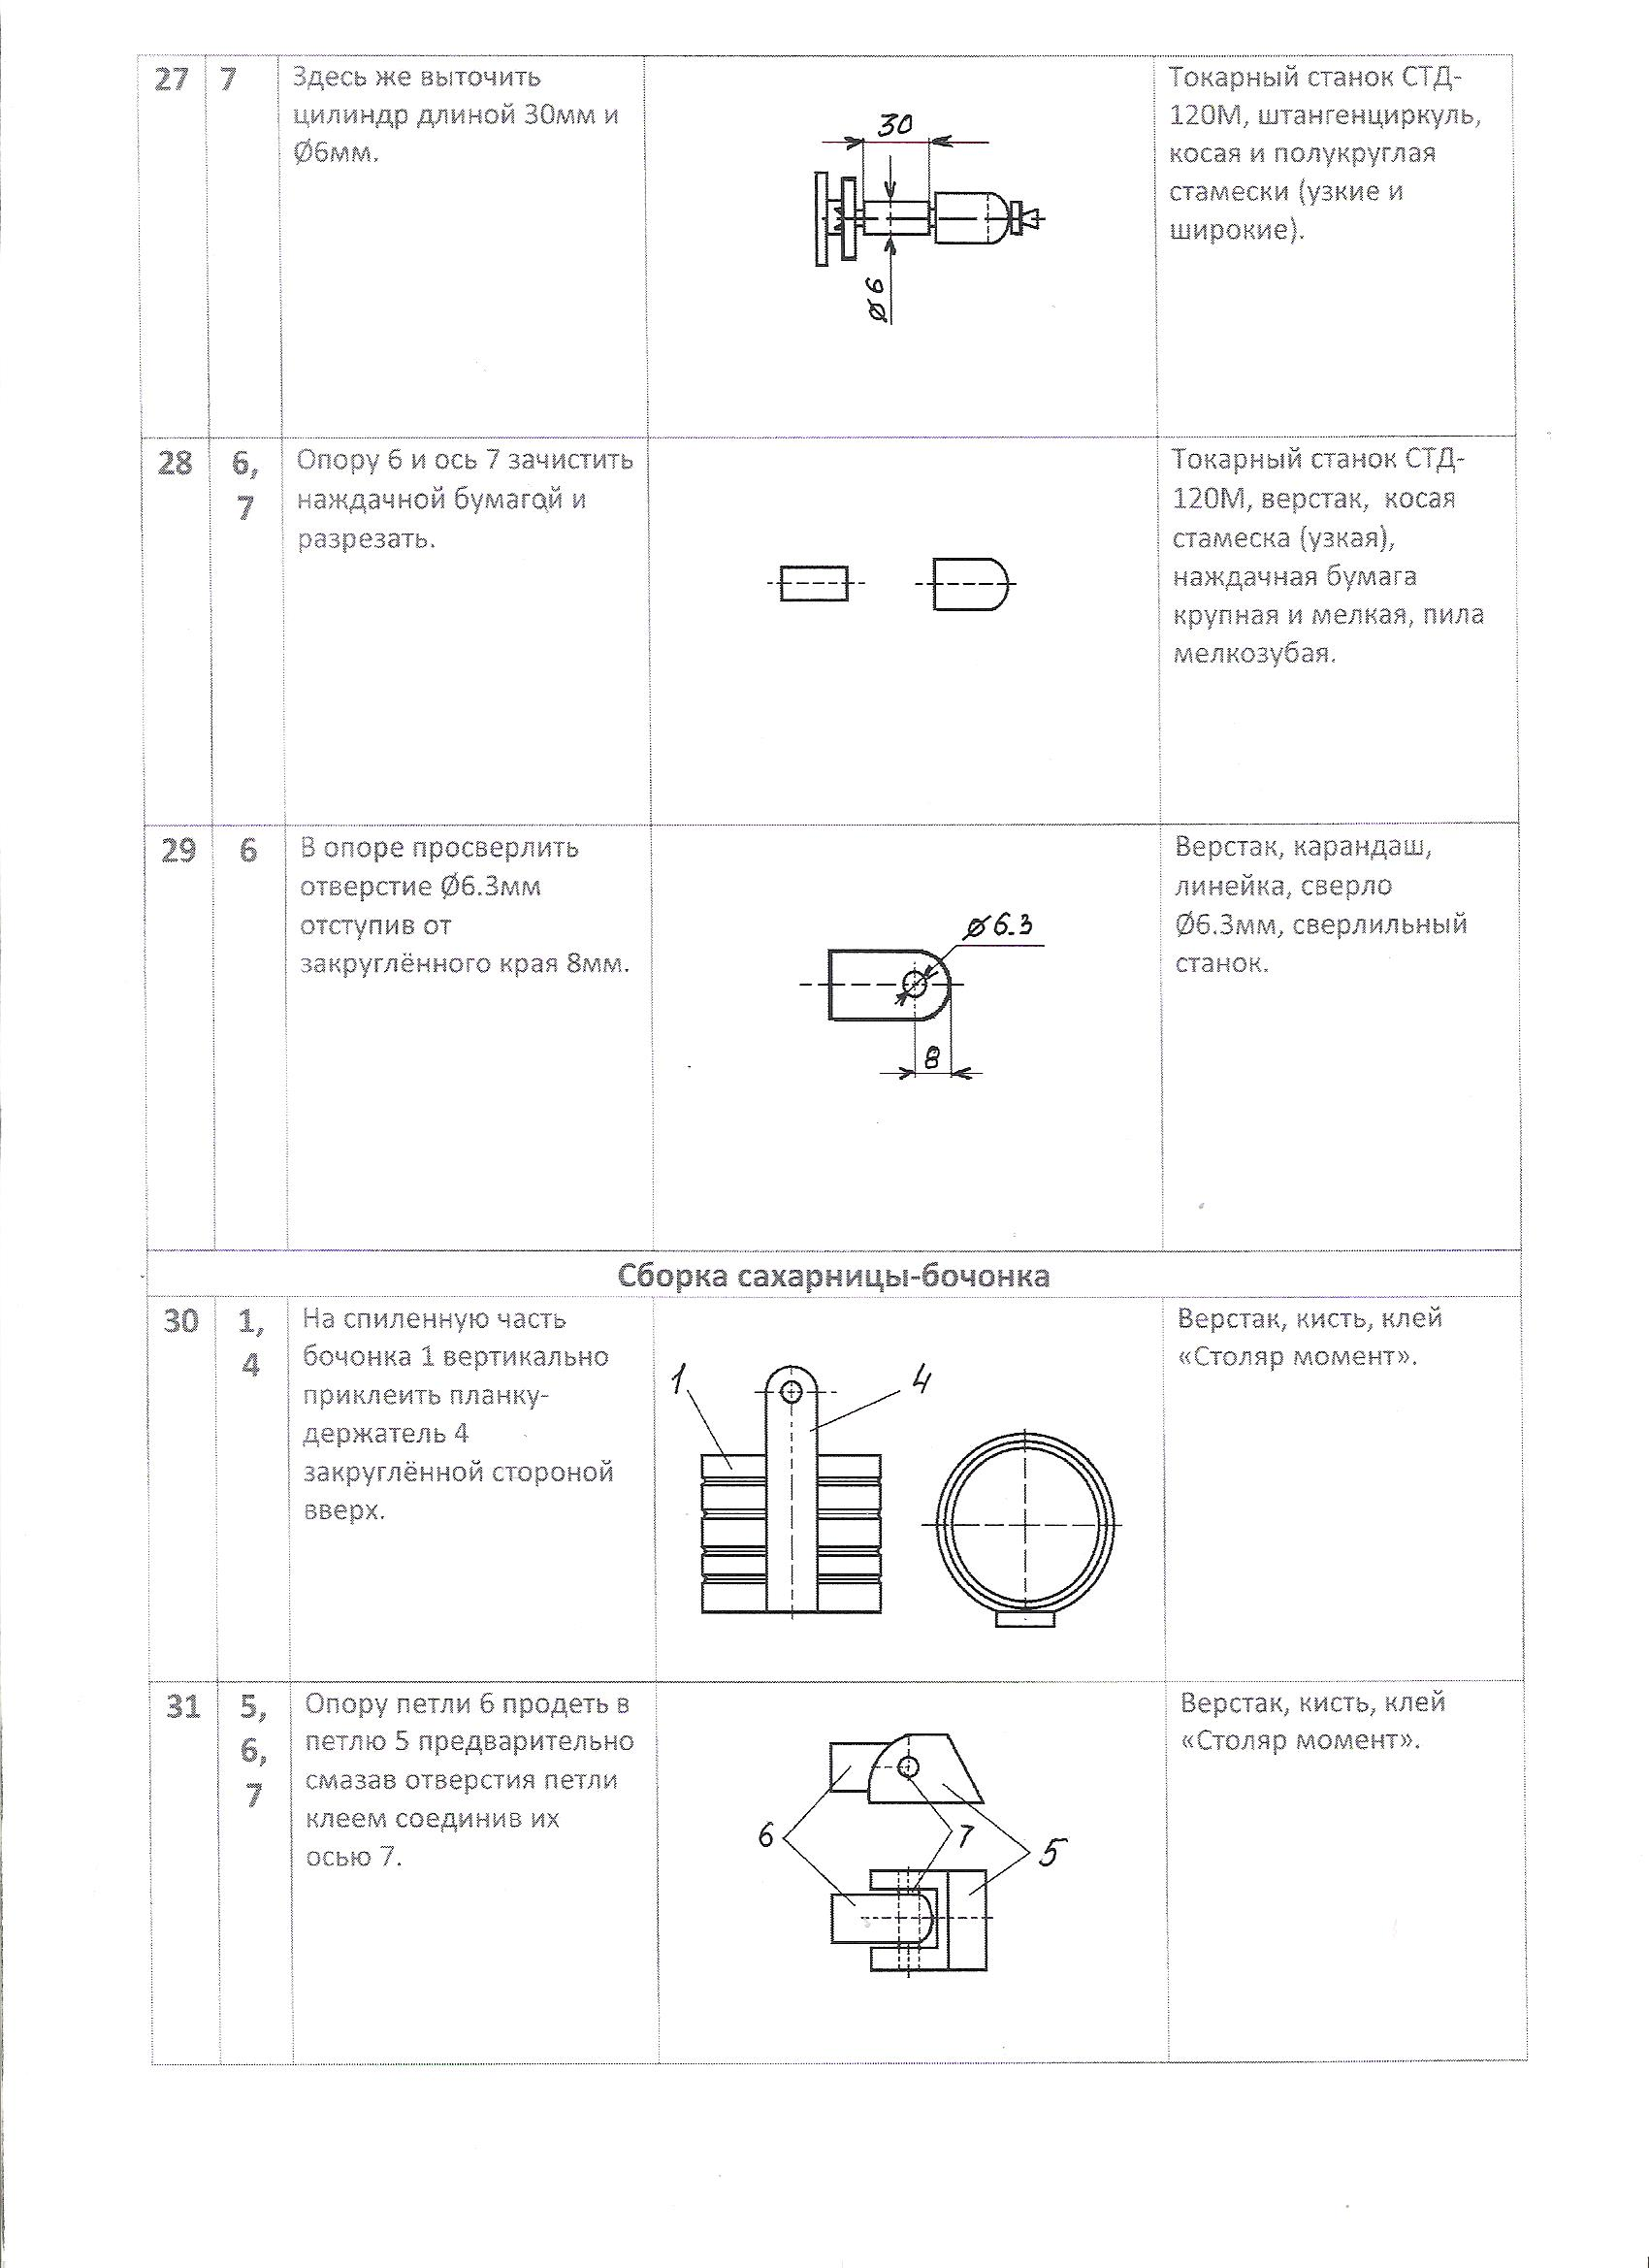 C:\Users\володя\Desktop\Технологическая карта изготовления сахарницы. Близнюк В.Ю\7.jpeg